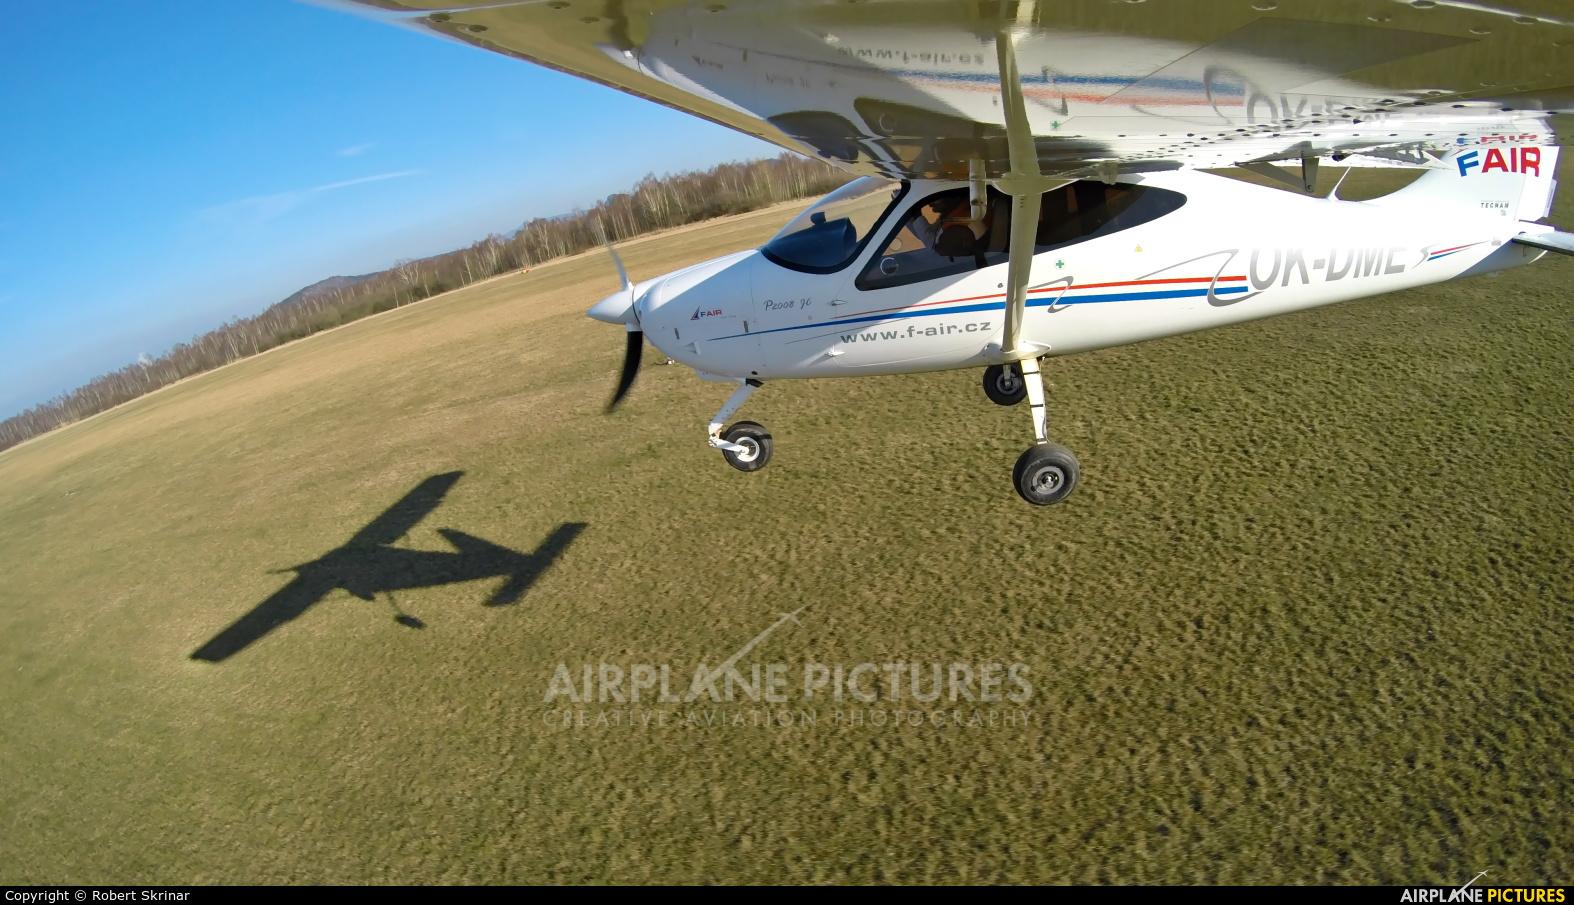 F-Air OK-DME aircraft at Most